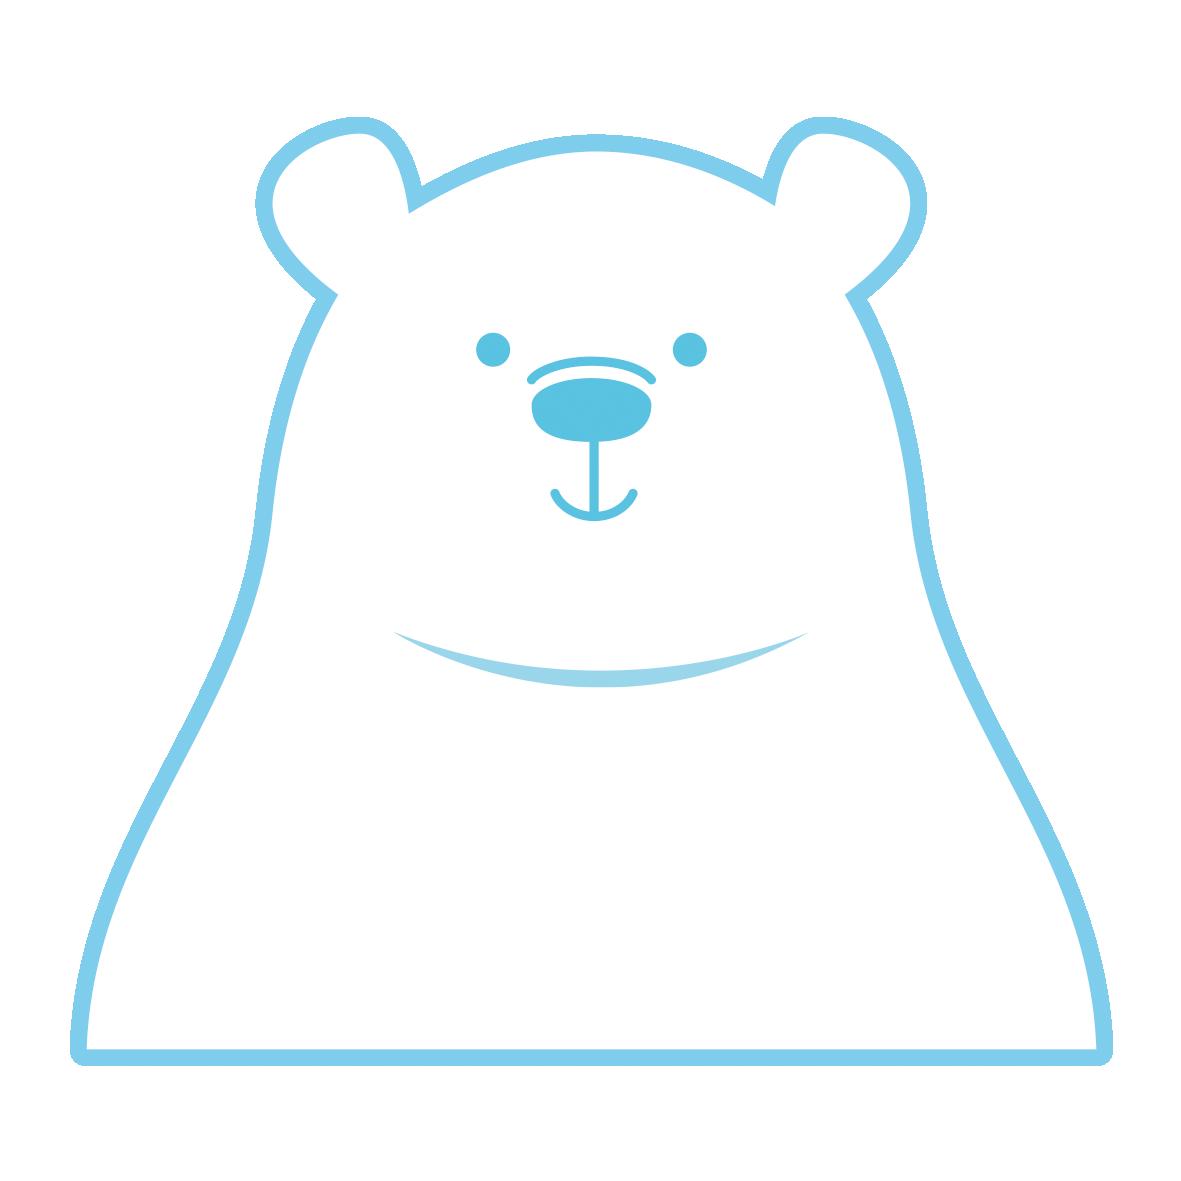 白熊 画像 イラスト